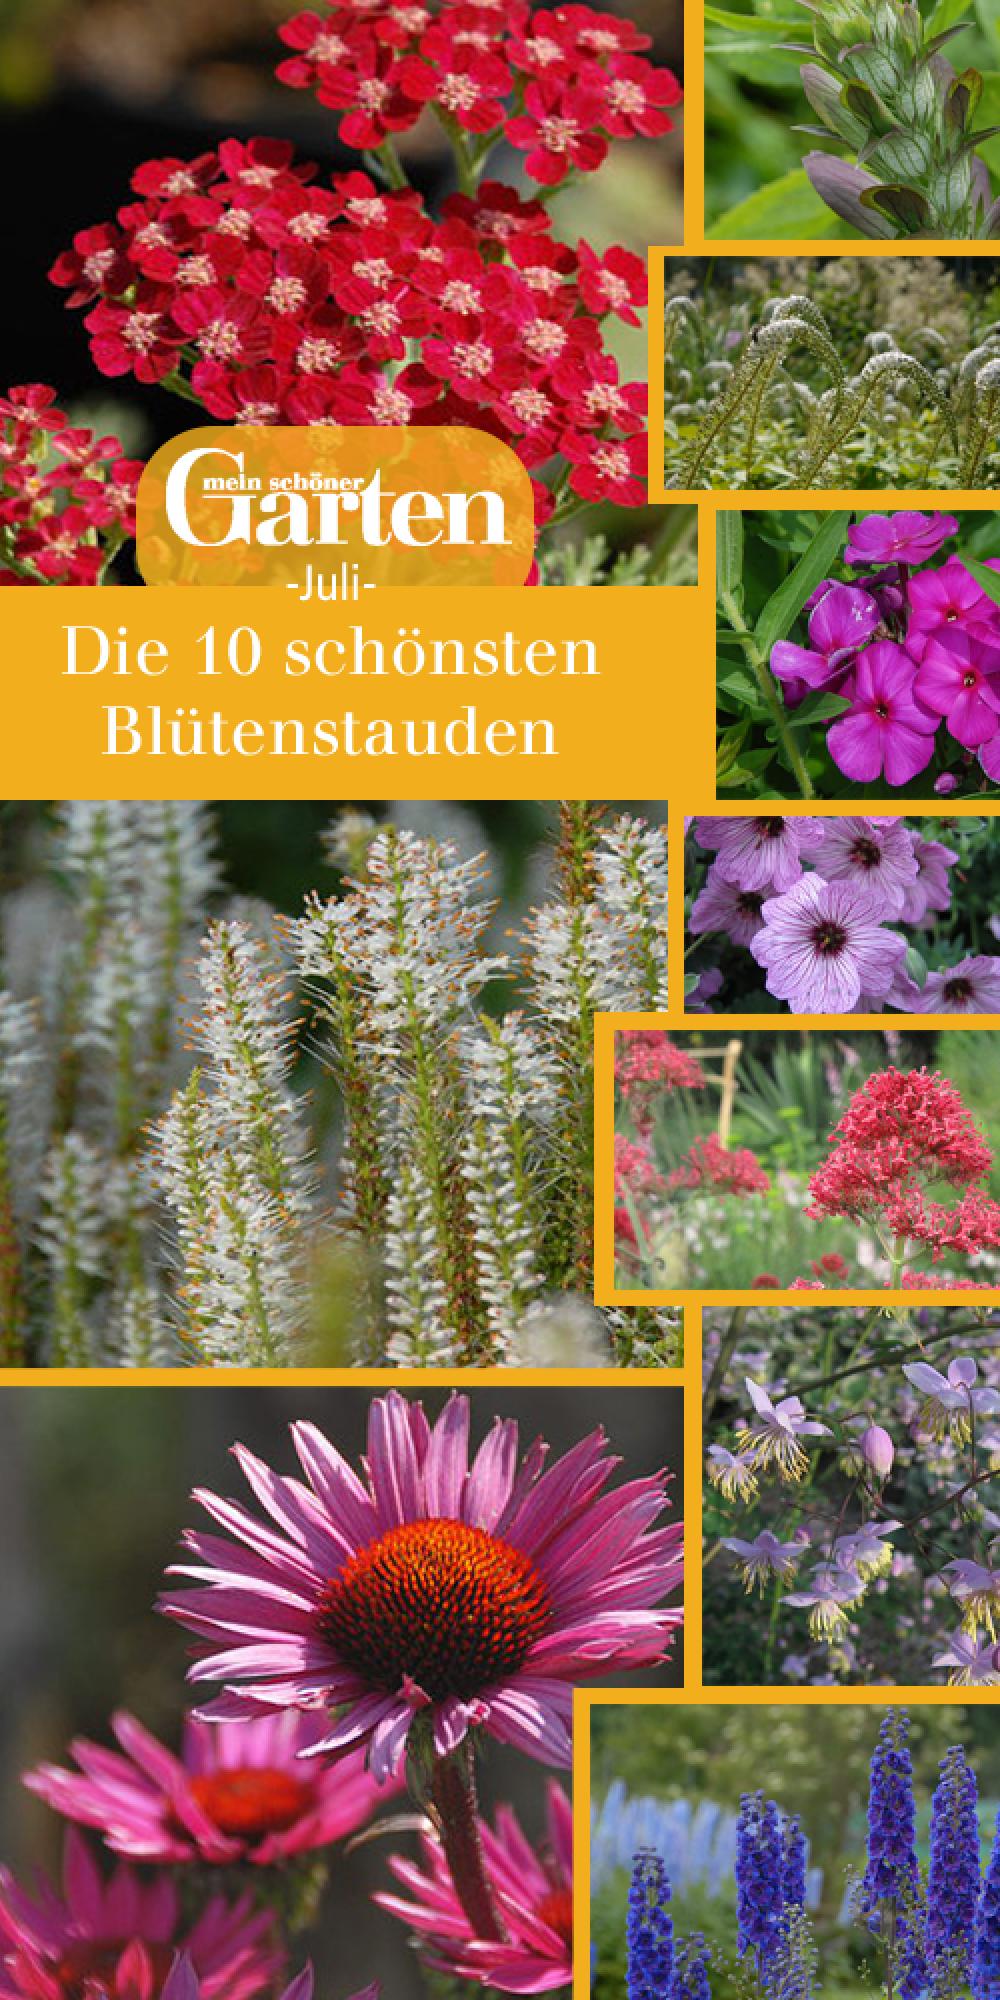 Die 10 schönsten Blütenstauden im Juli | Stauden, Schöne gärten und ...